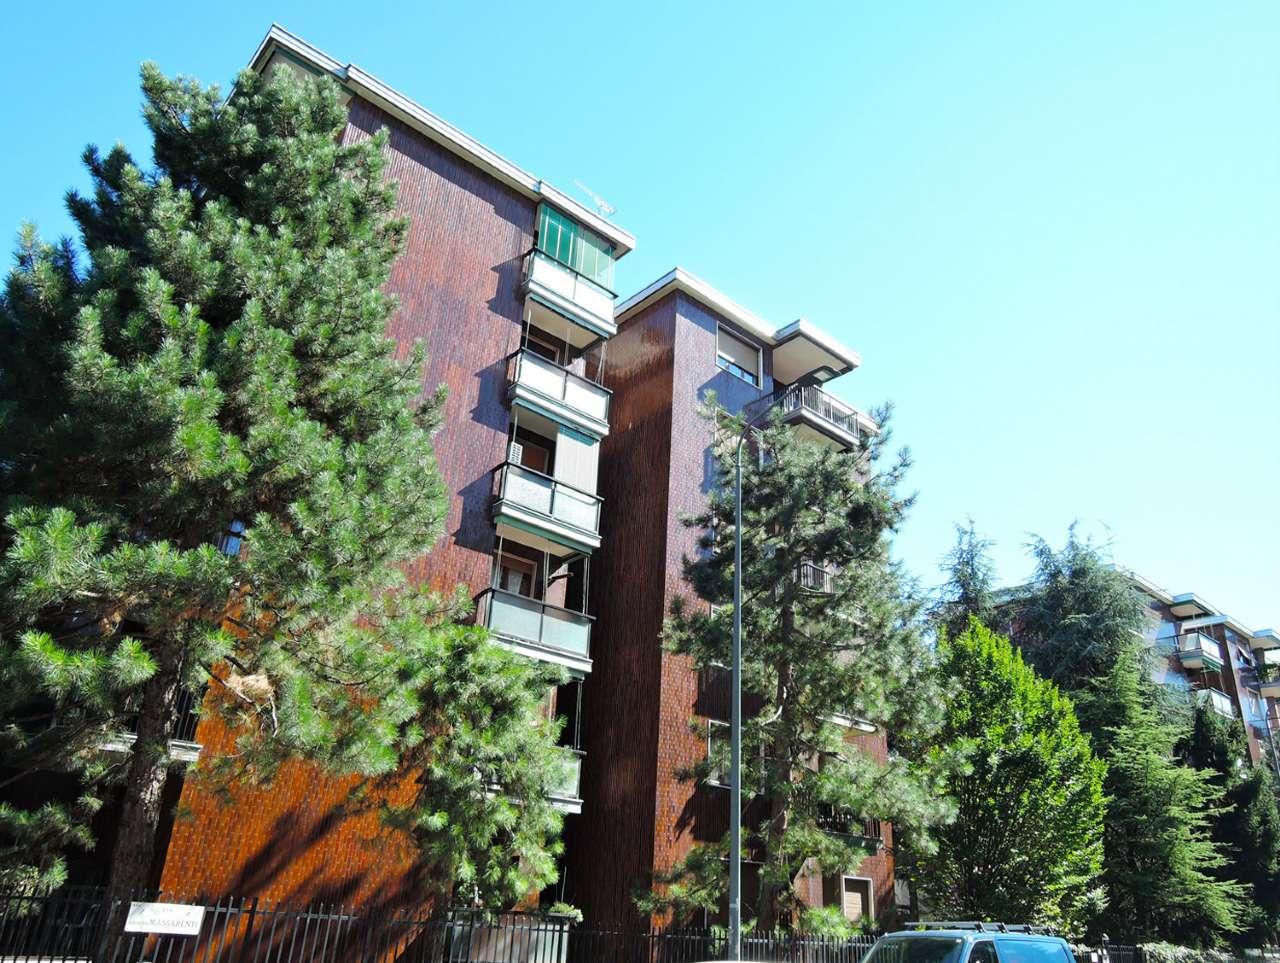 Appartamento in vendita a Milano, 3 locali, zona Zona: 14 . Lotto, Novara, San Siro, QT8 , Montestella, Rembrandt, prezzo € 265.000 | CambioCasa.it